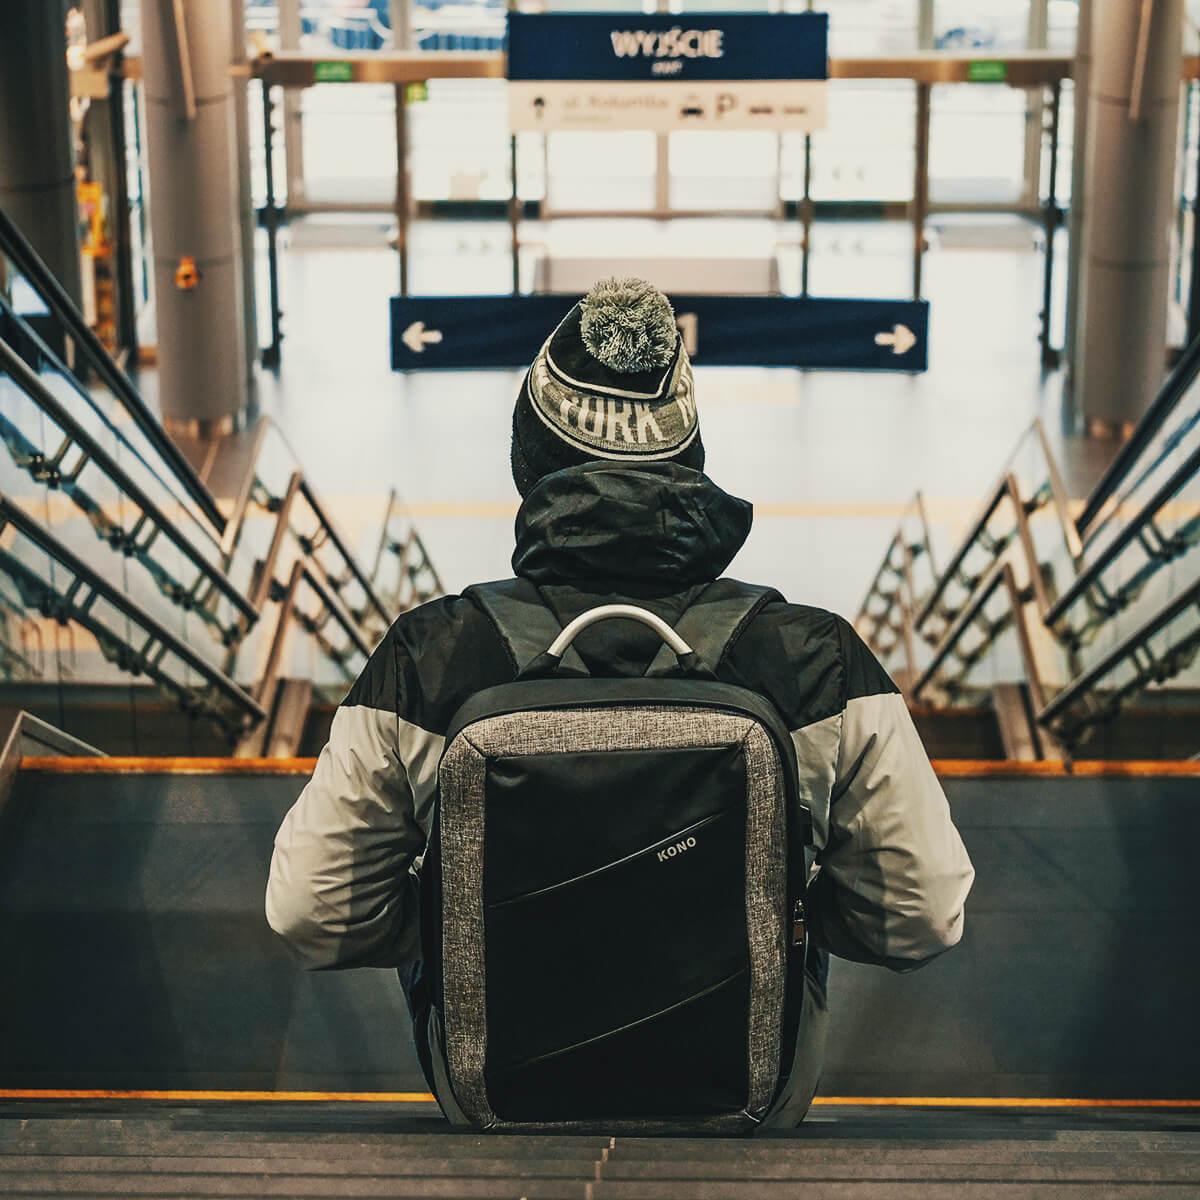 d4c0cc3fdb063 plecaki miejskie · plecaki damskie · modne plecaki · modny plecak ·  plecaczek damski · plecak miejski męski ...